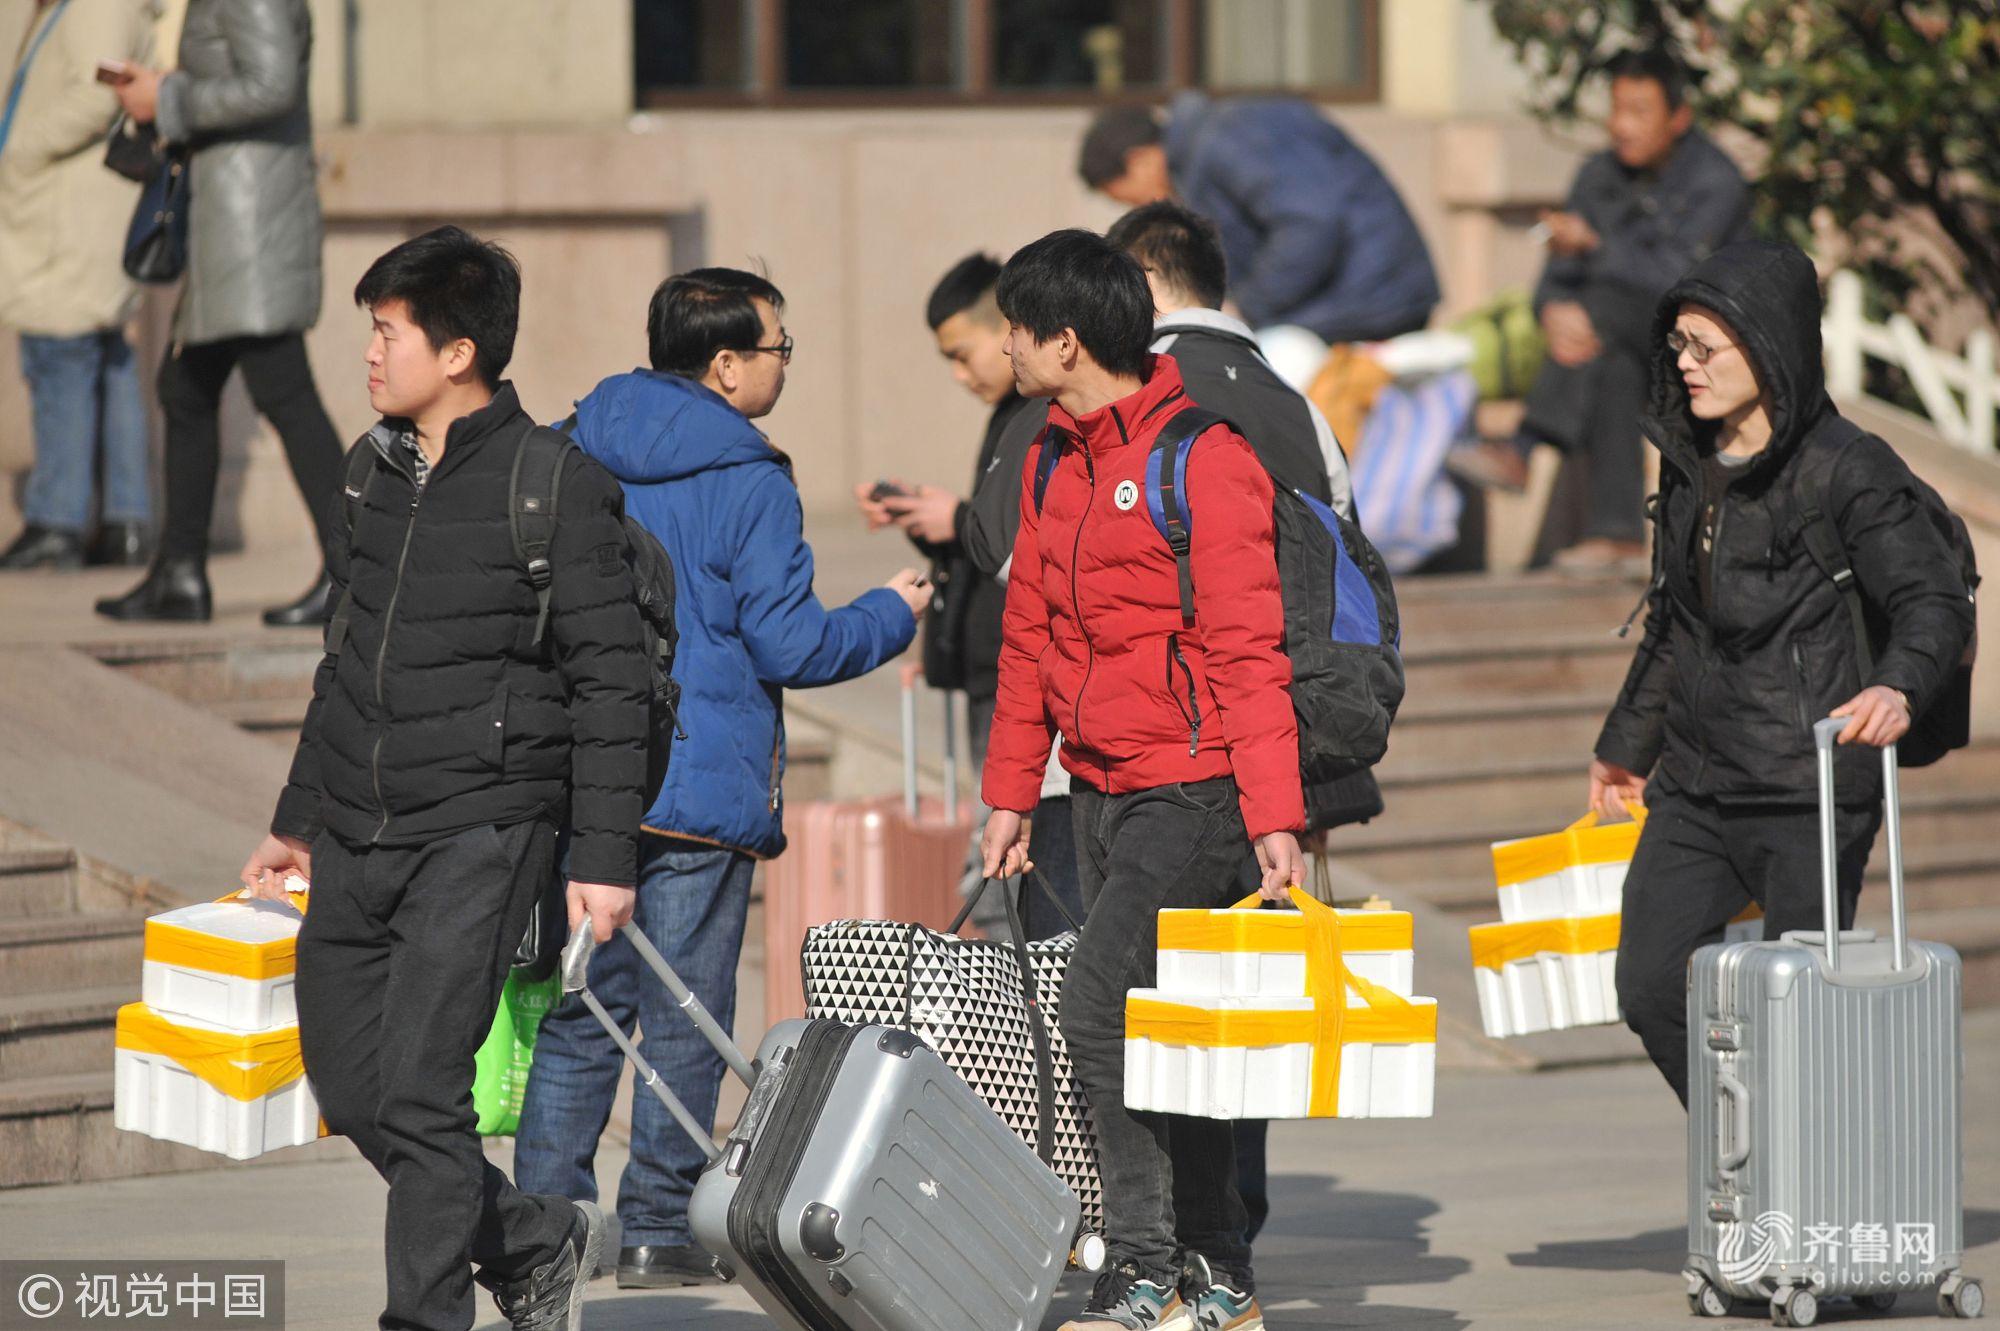 2018开户送体验金 :游客踏上回家路 火车站演出告别序曲